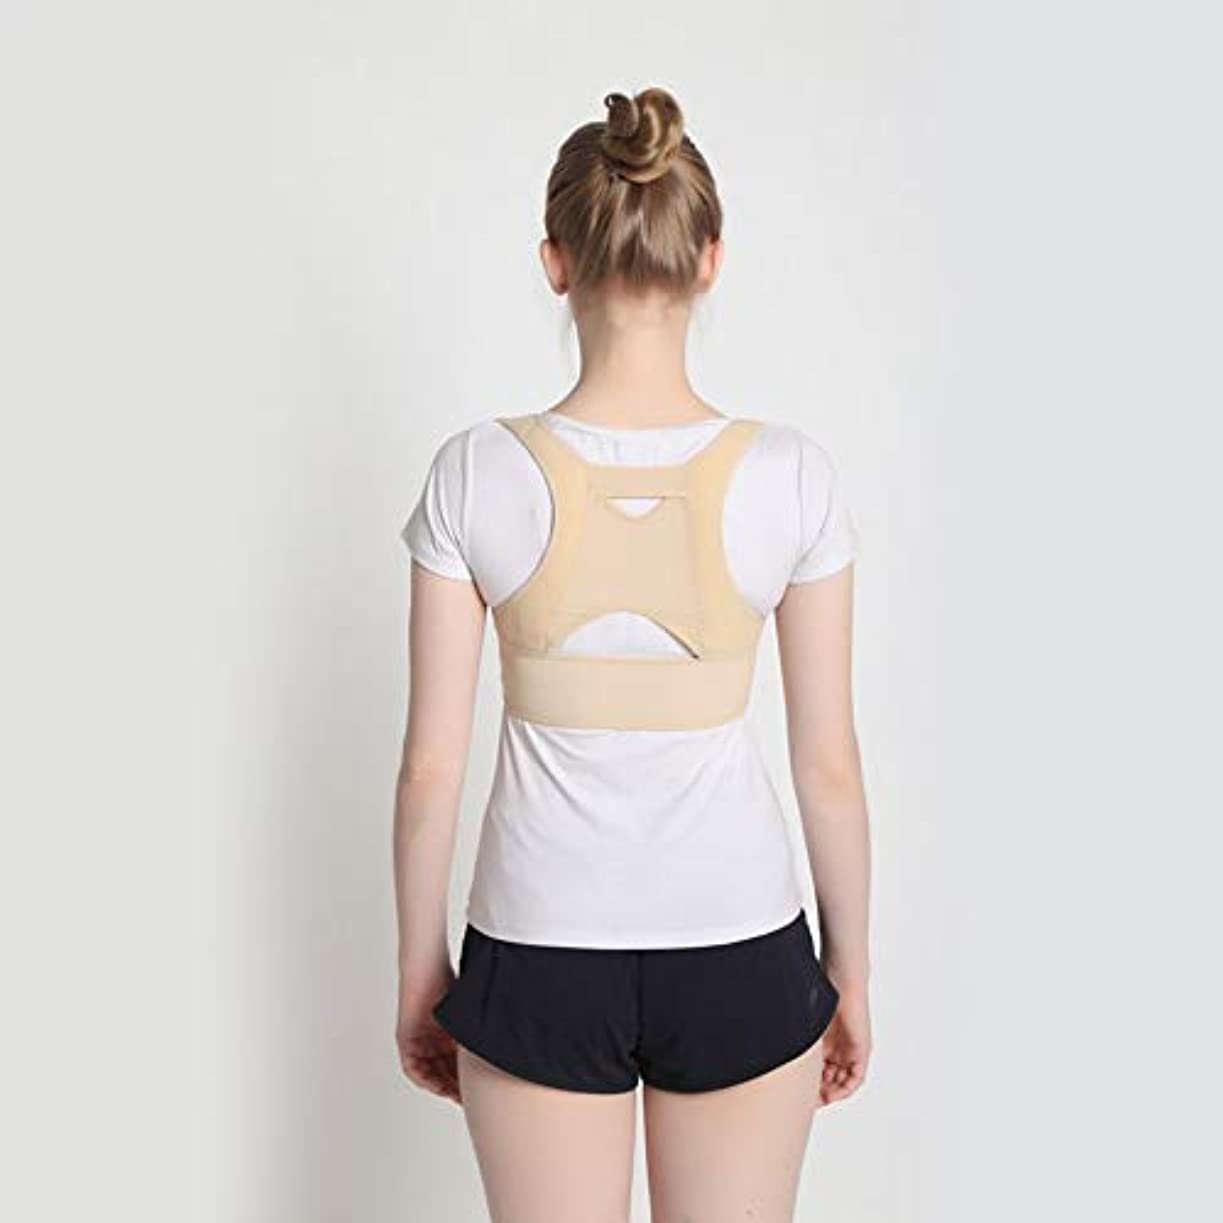 グラフ雲著名な通気性のある女性の背中の姿勢矯正コルセット整形外科の肩の背骨の背骨の姿勢矯正腰椎サポート